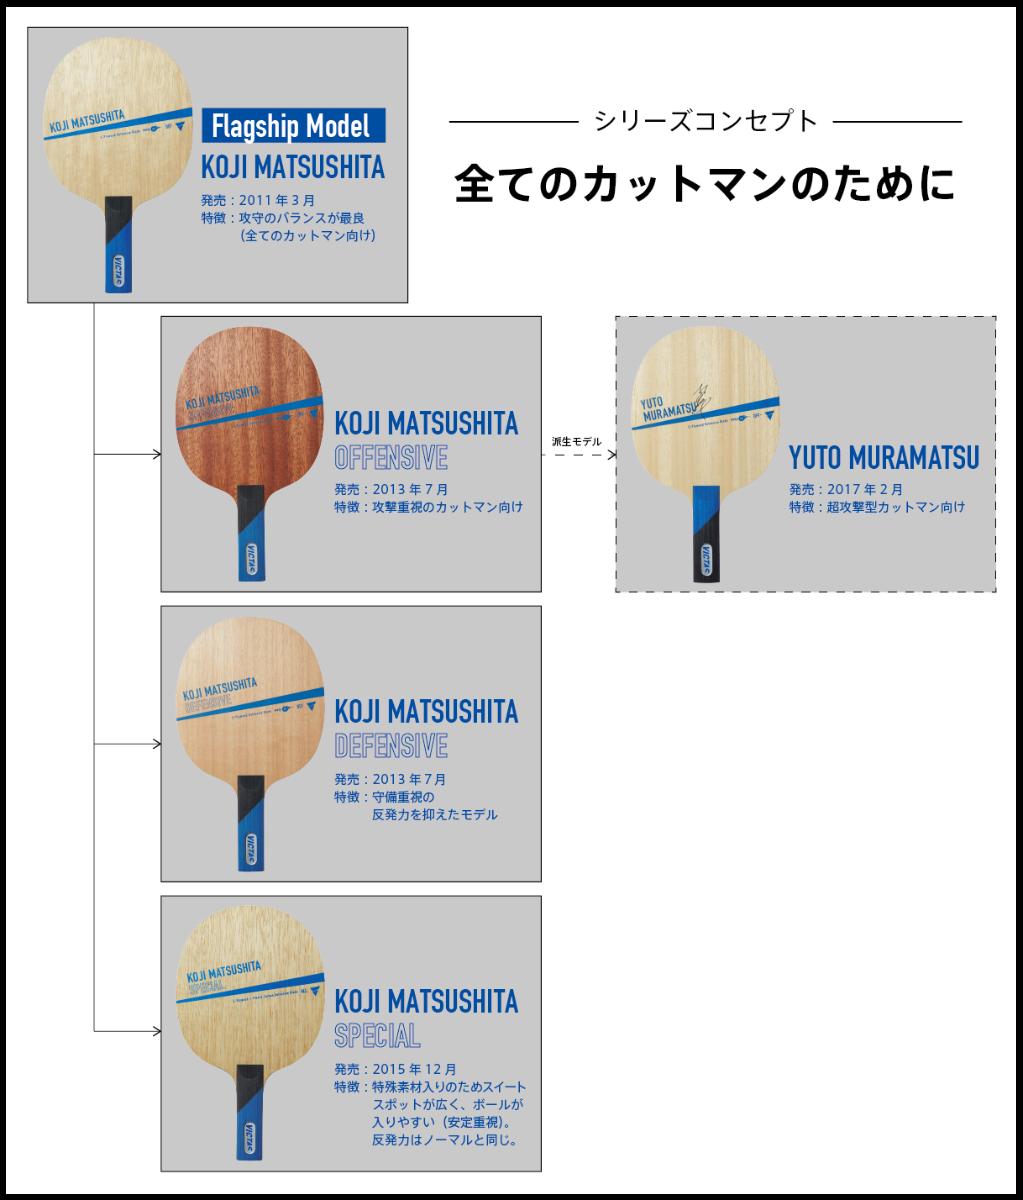 卓球 カットマン ラケット VICTAS 松下浩二シリーズ